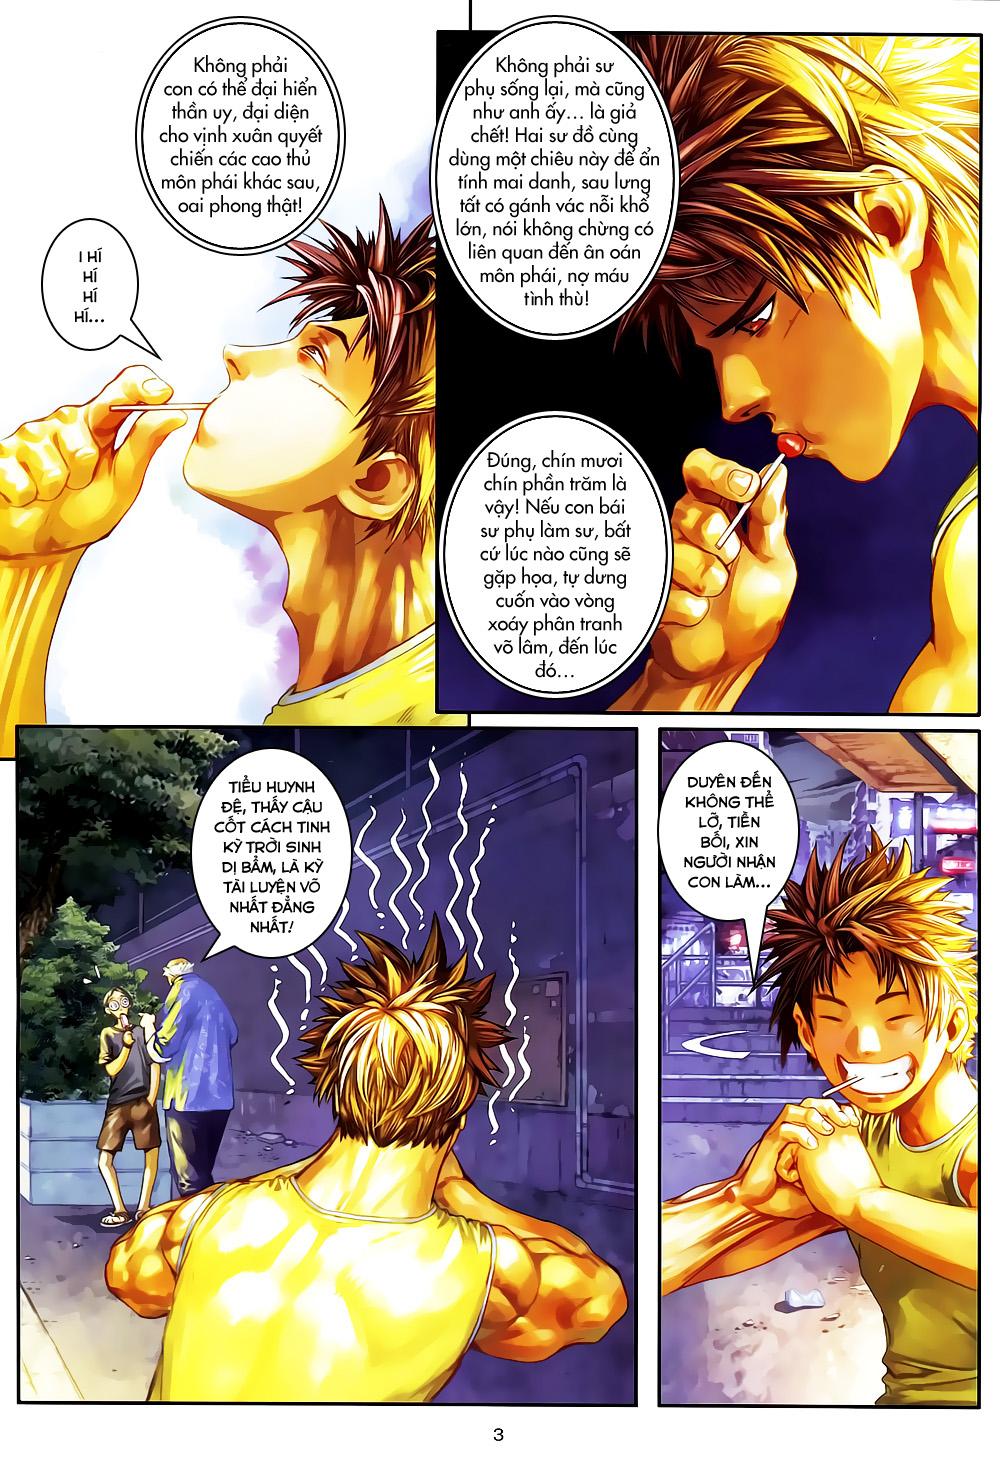 Quyền Đạo chapter 4 trang 3